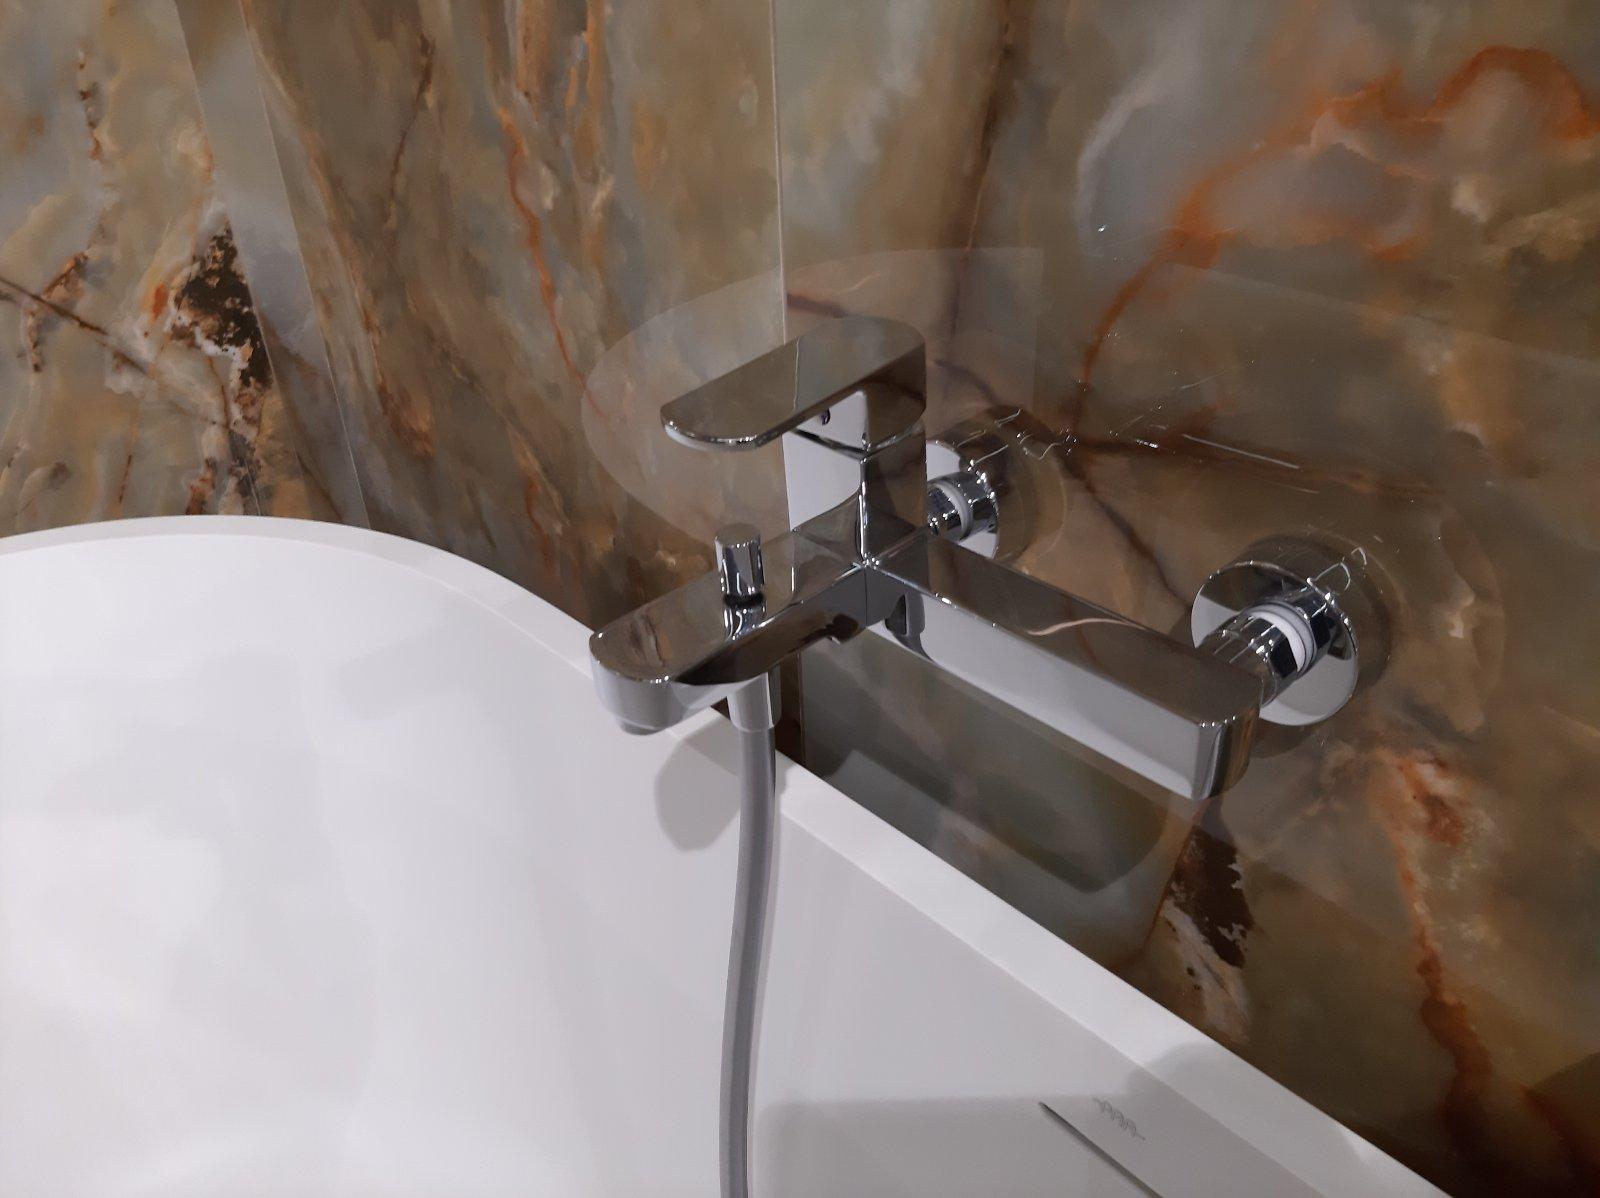 Продаж Кран Одноважільний для ванни змішувач з доставкою по Києву